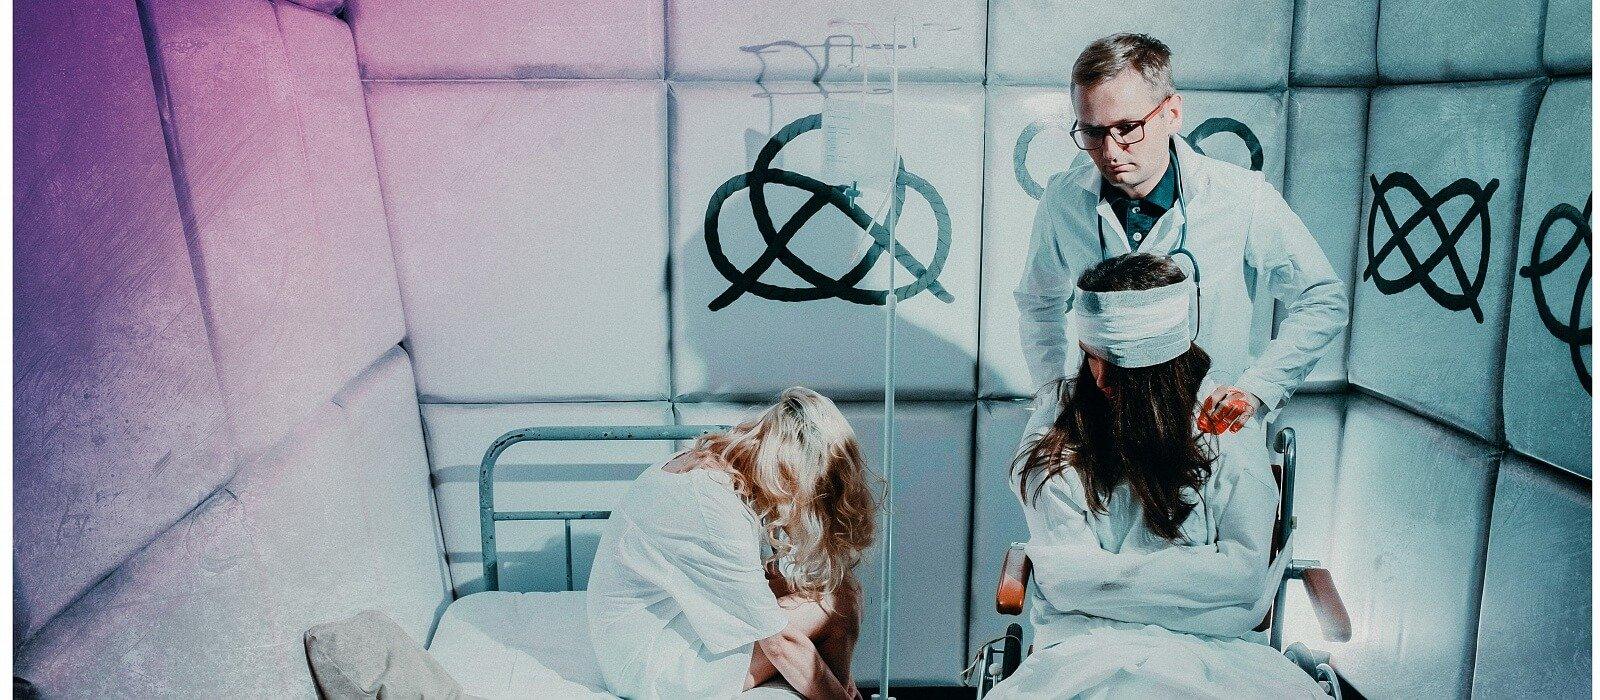 сумасшедшая пациентка картинка стала